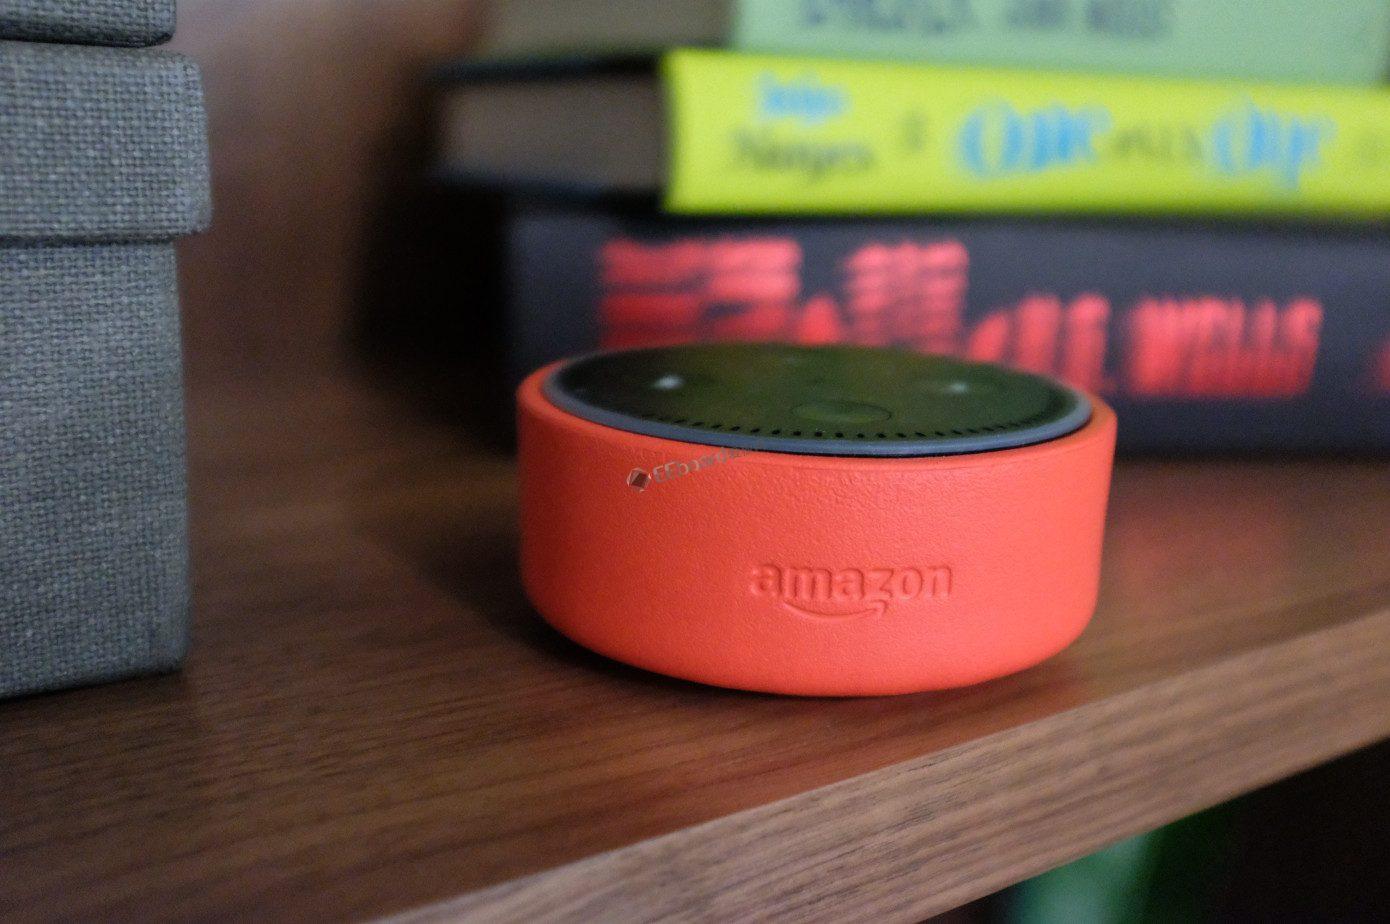 亚马逊推Echo Dot Kids Edition——智能扬声器产品首次面向儿童市场